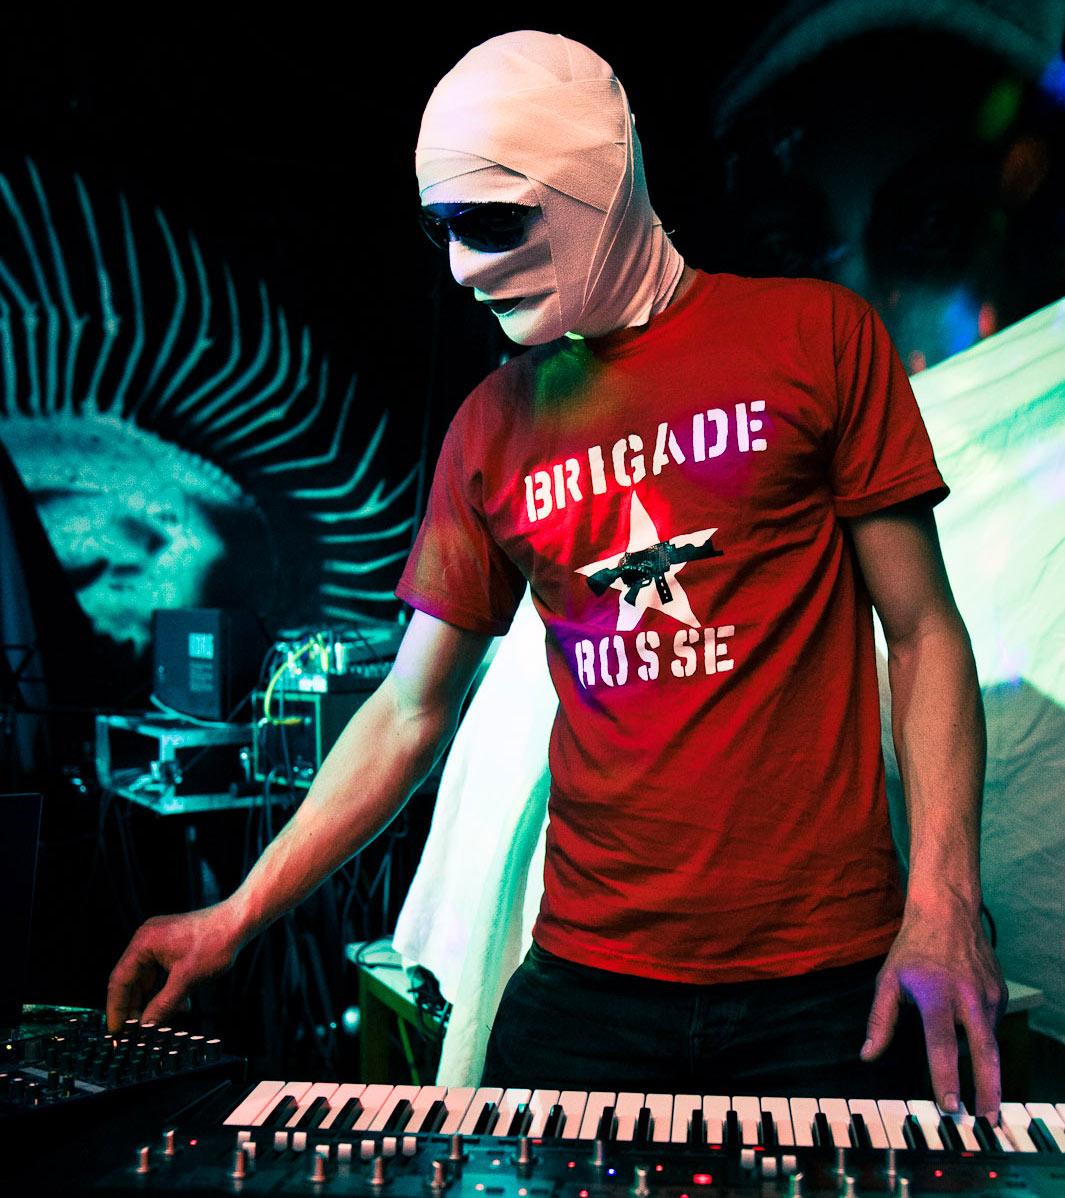 brigade-rosse-shirt